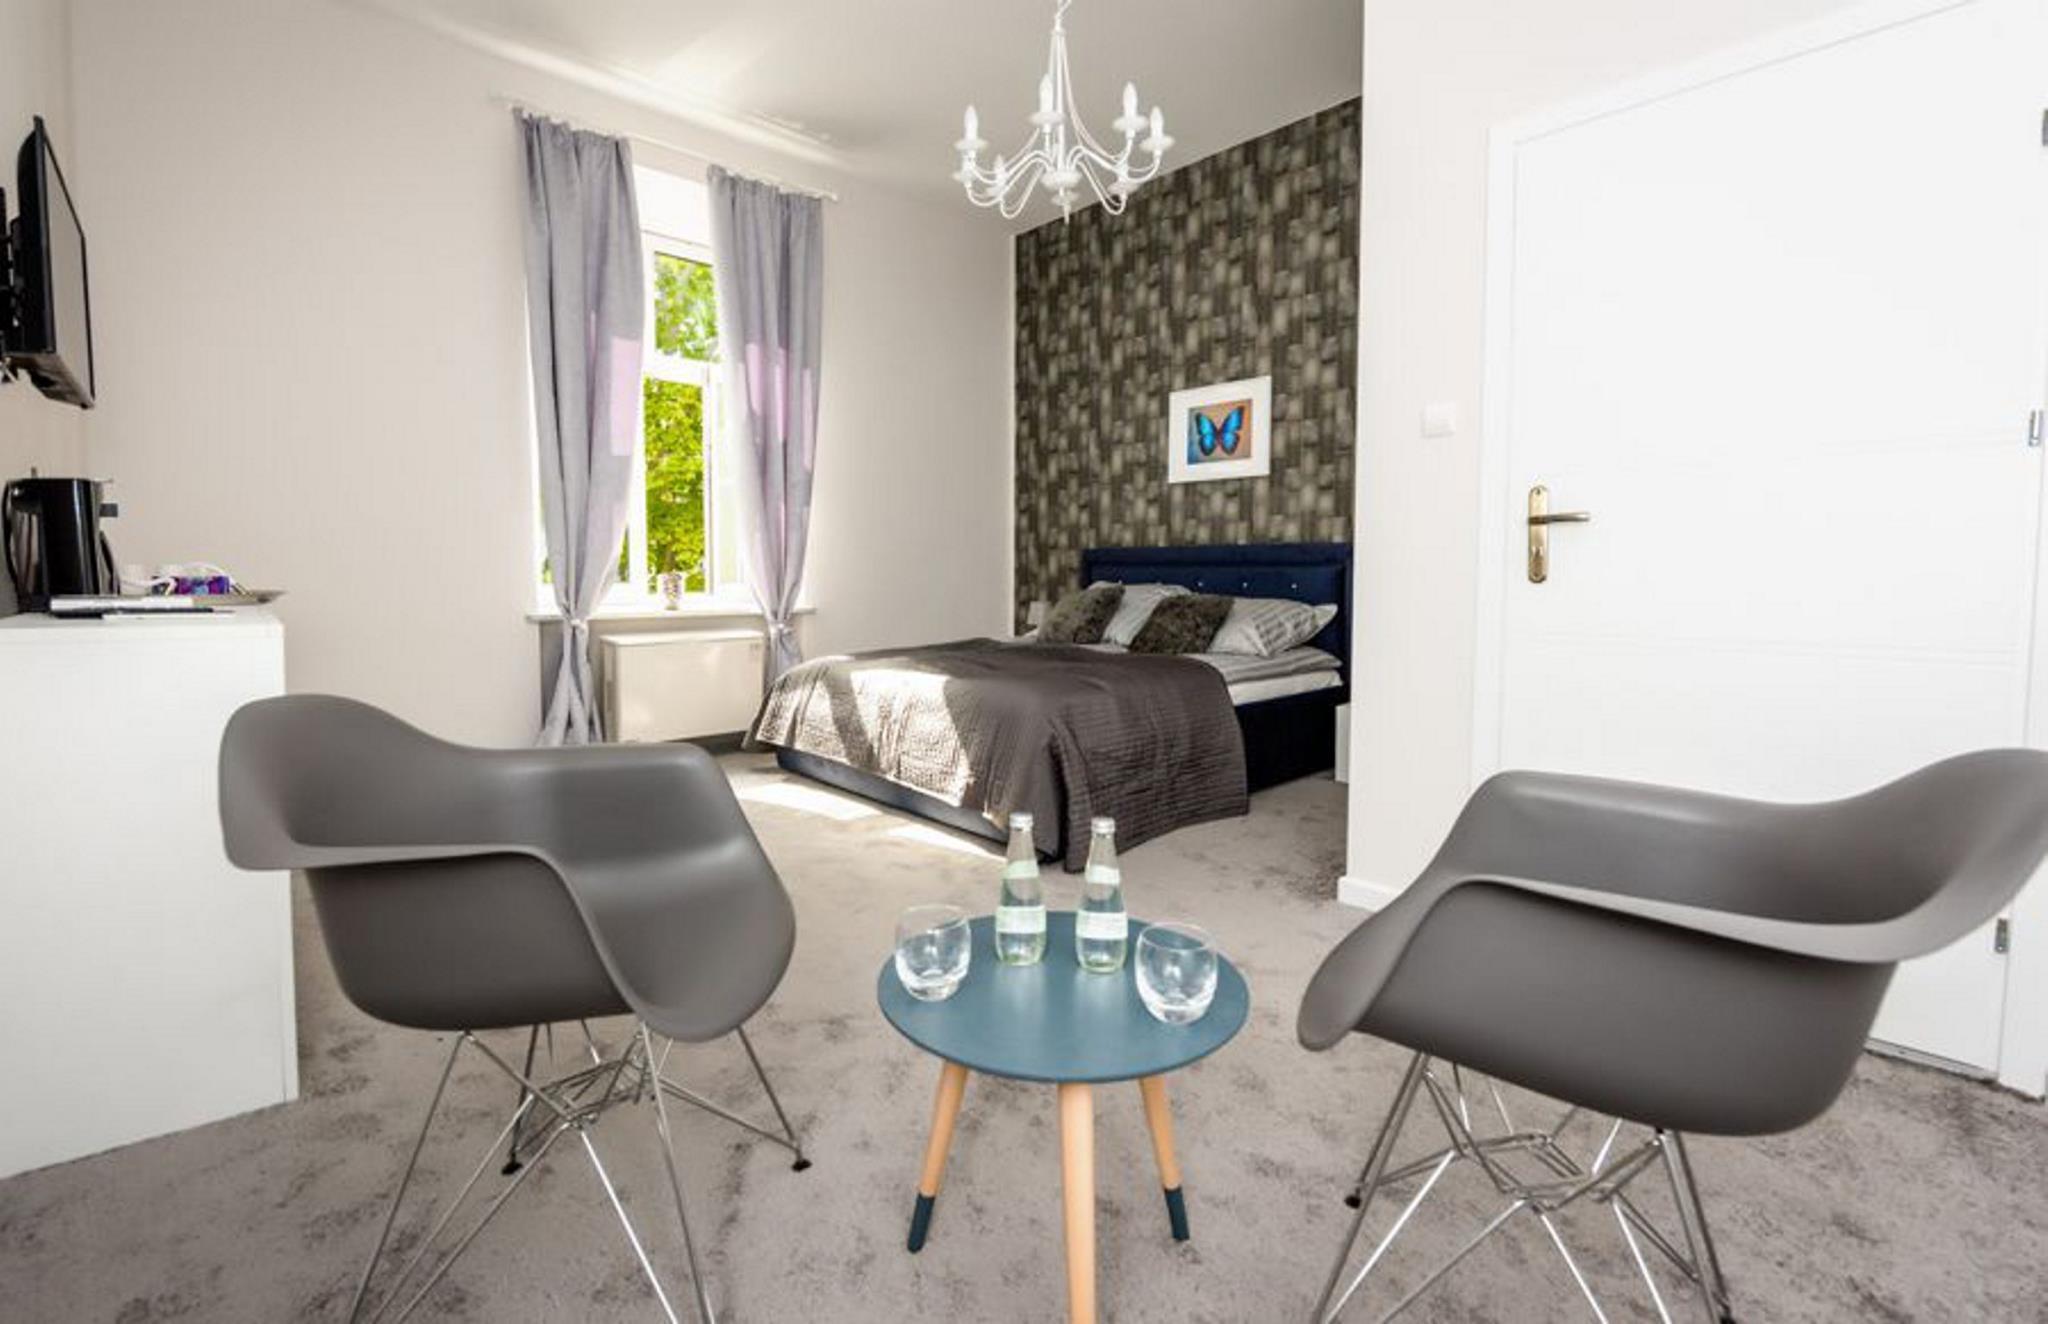 LuxAparts Premium Rooms